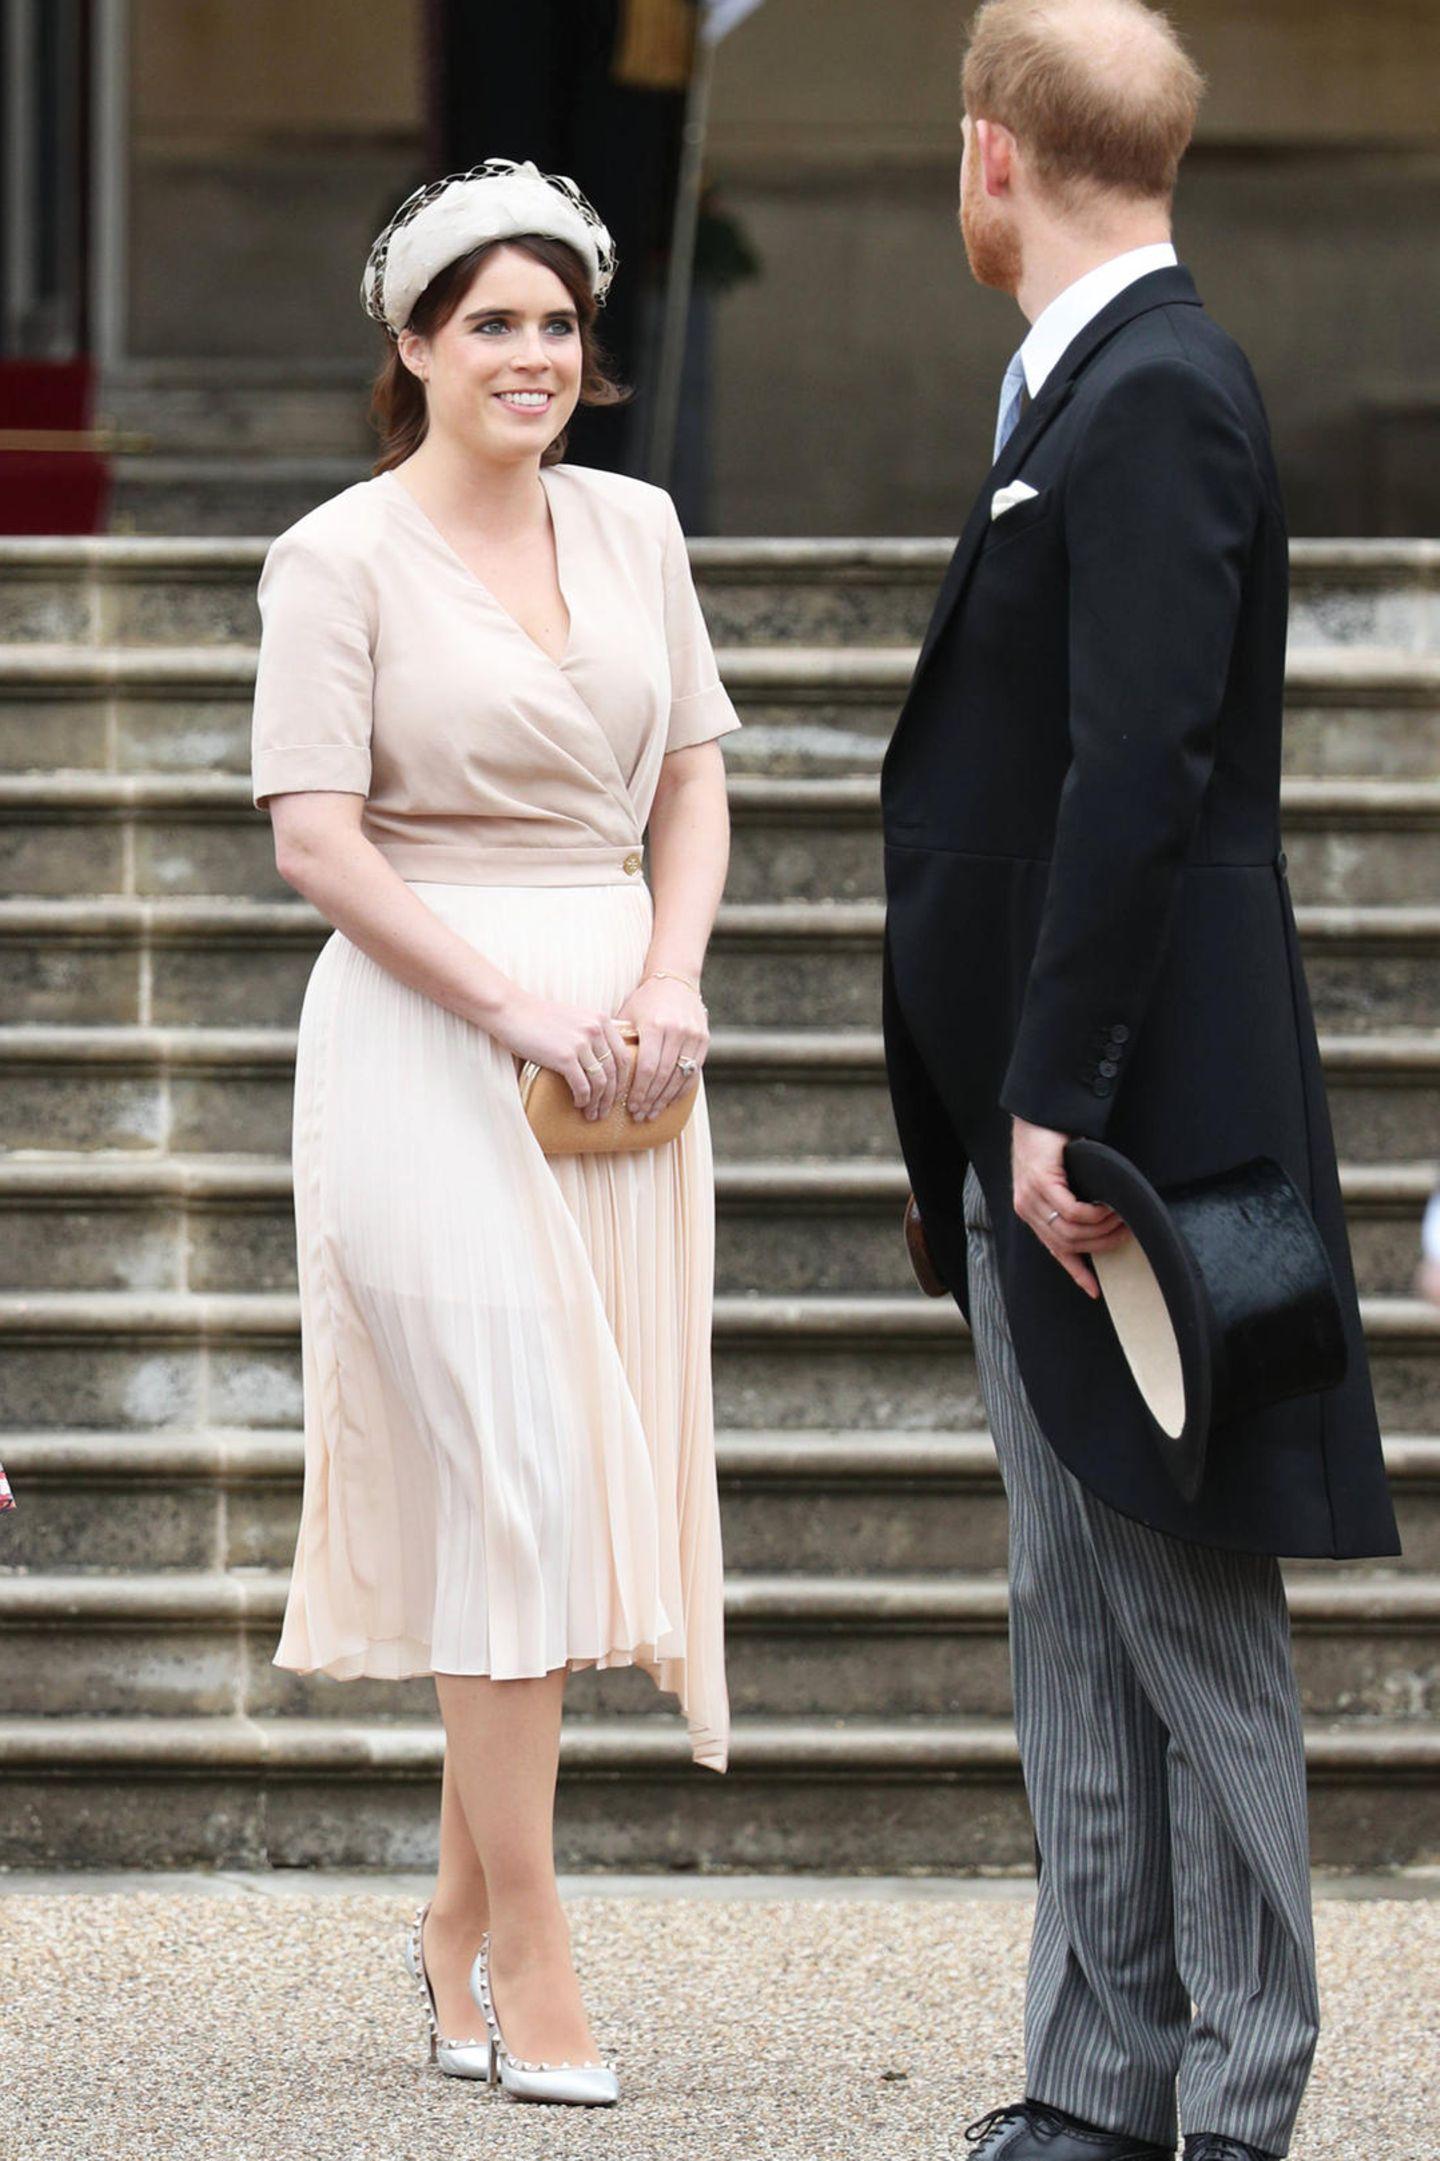 Im Rahmen der Royal Garden Party 2019 im Buckingham Palast zeigen sich Prinzessin Eugenie und Prinzessin Beatrice an der Seite ihrer Großmutter der Queen in Looks, die unterschiedlicher nicht sein könnten. Eugenie wählte ein semitransparentes Kleid von Sandro für rund 295 Euro.